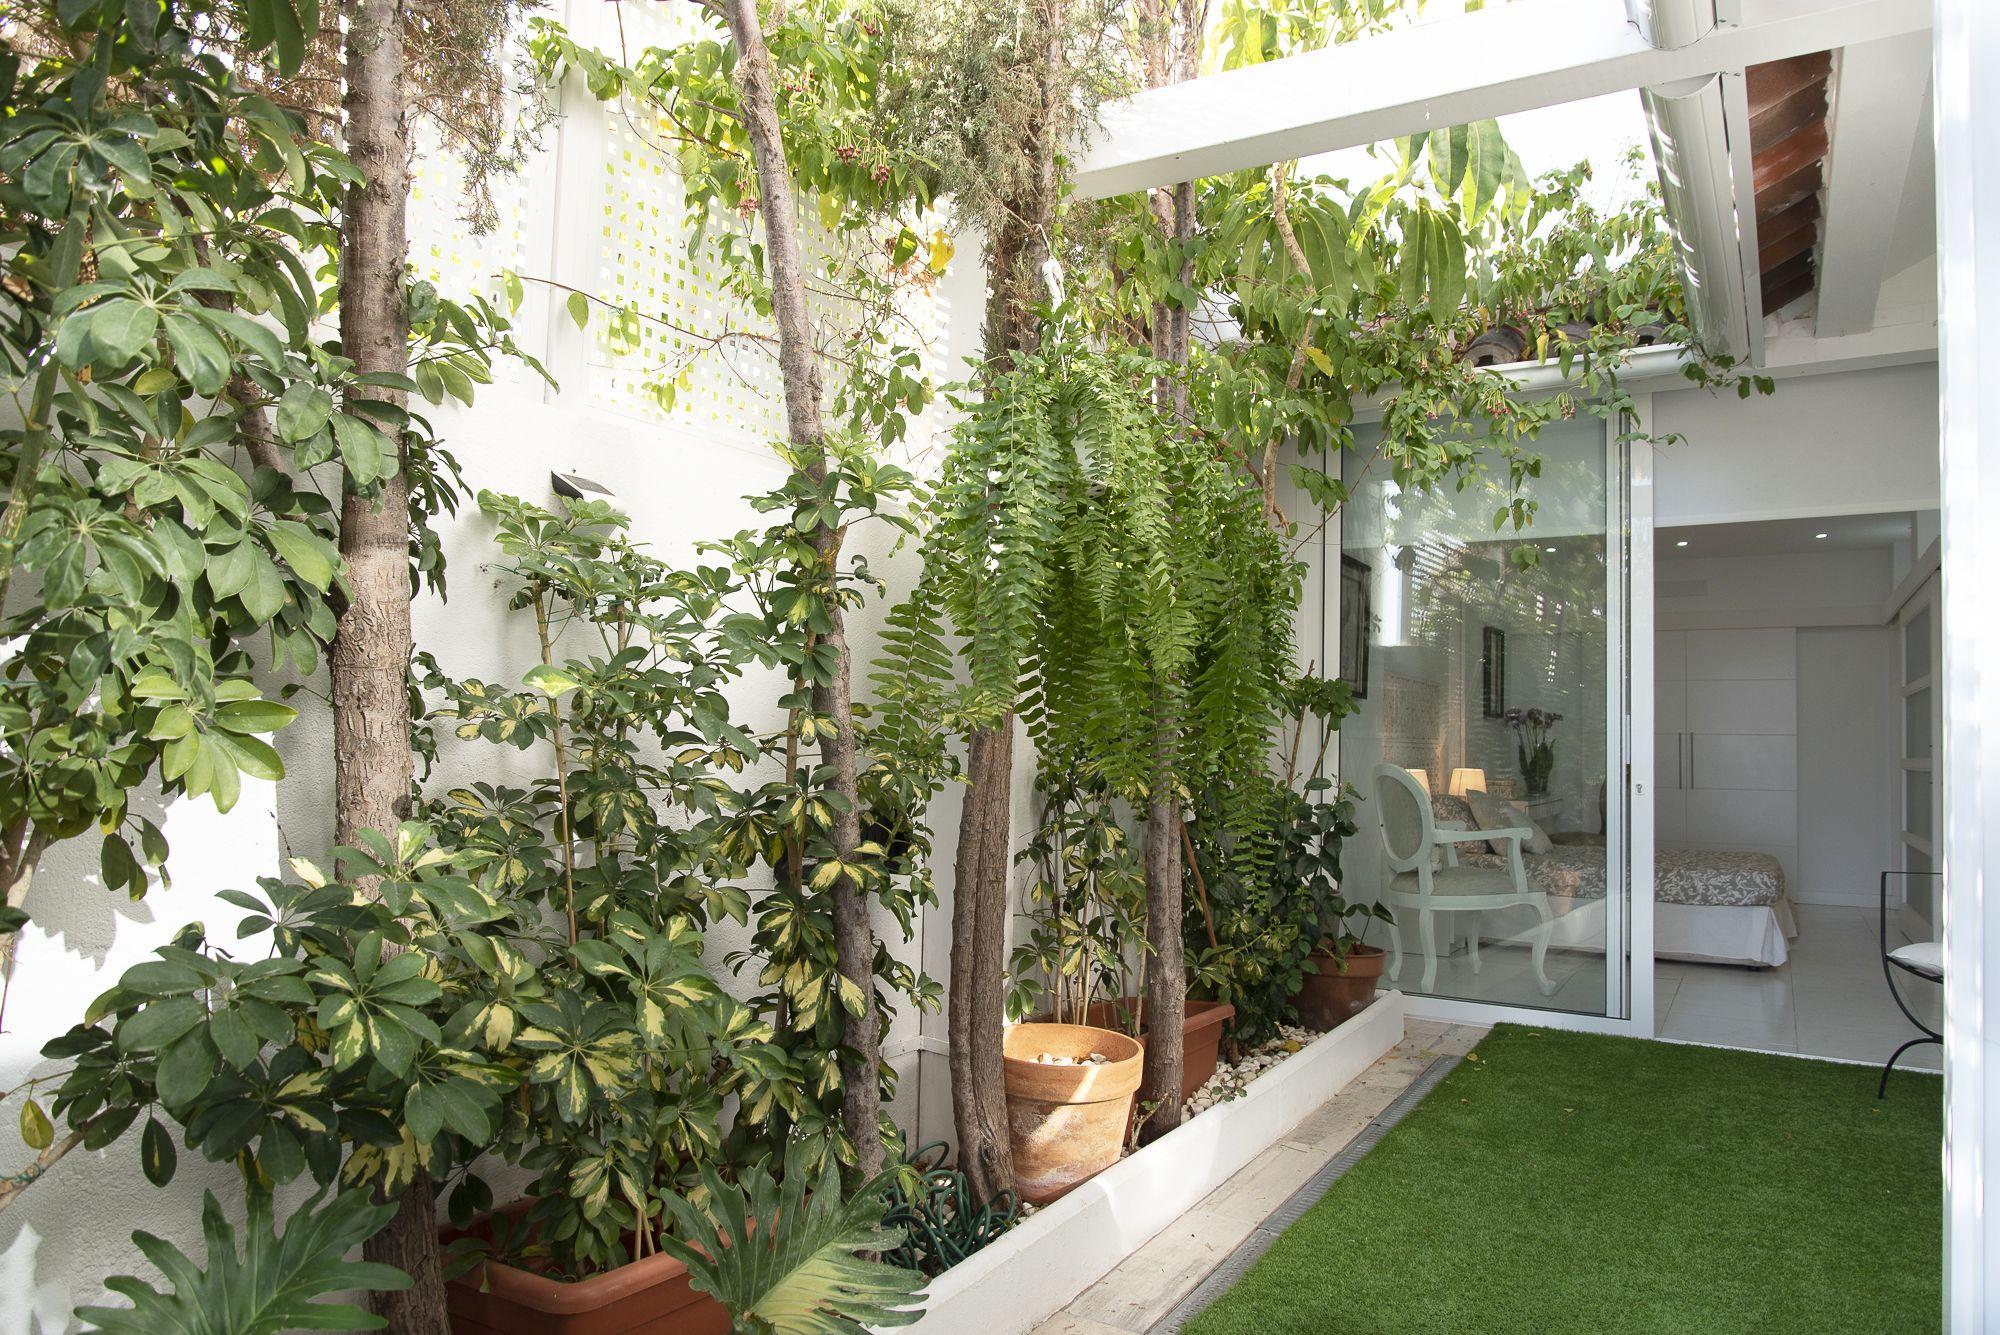 Terraza y habitación 2 - Las Acacias - Club Oliver